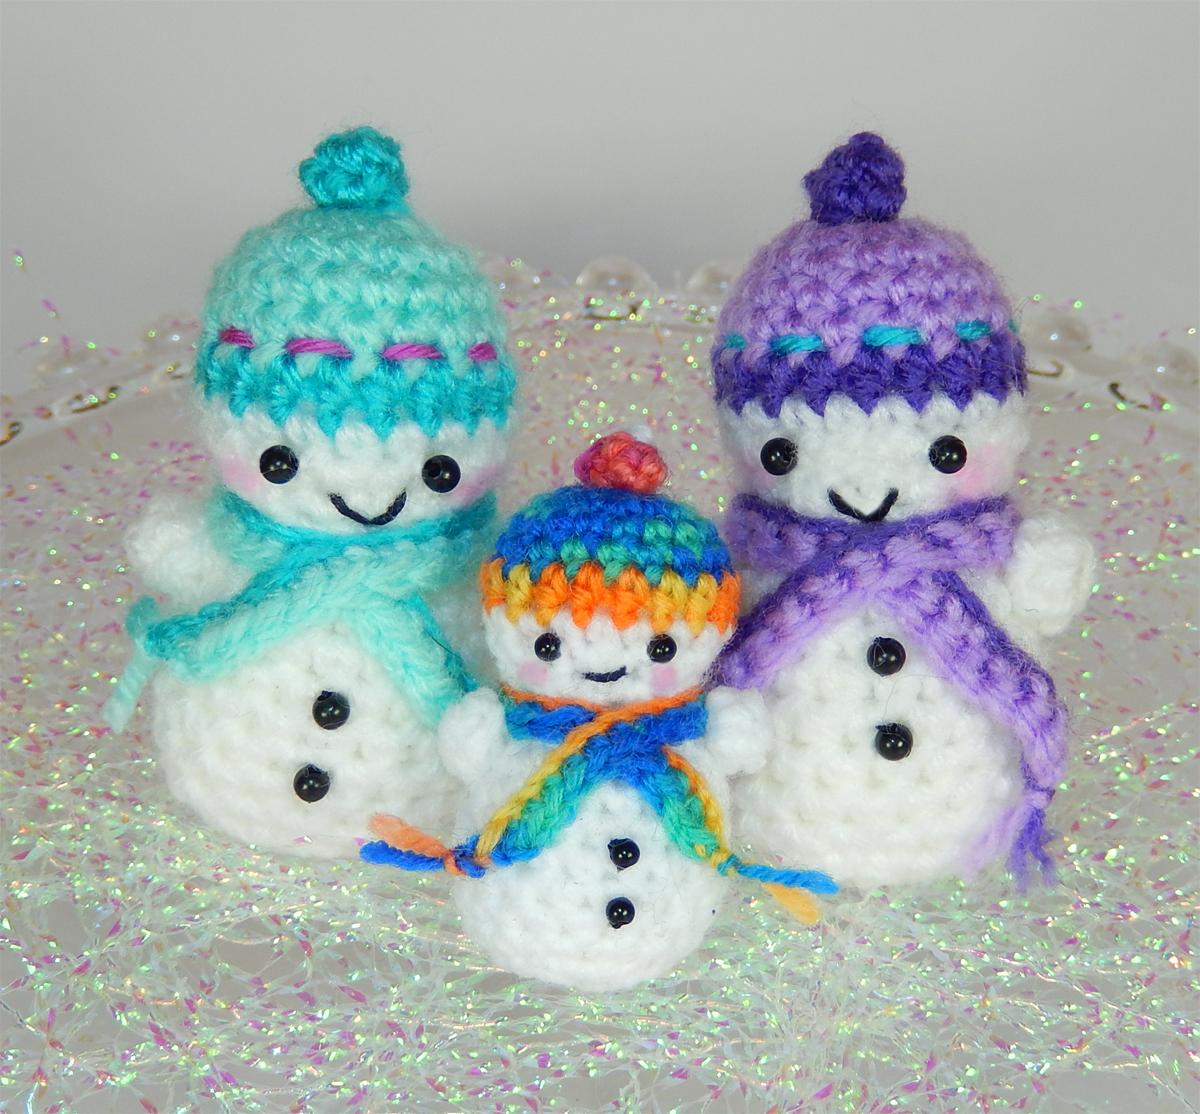 Snowman Amigurumi Pattern – Club Crochet - Amigurumi Crochet Dolls ... | 1114x1200